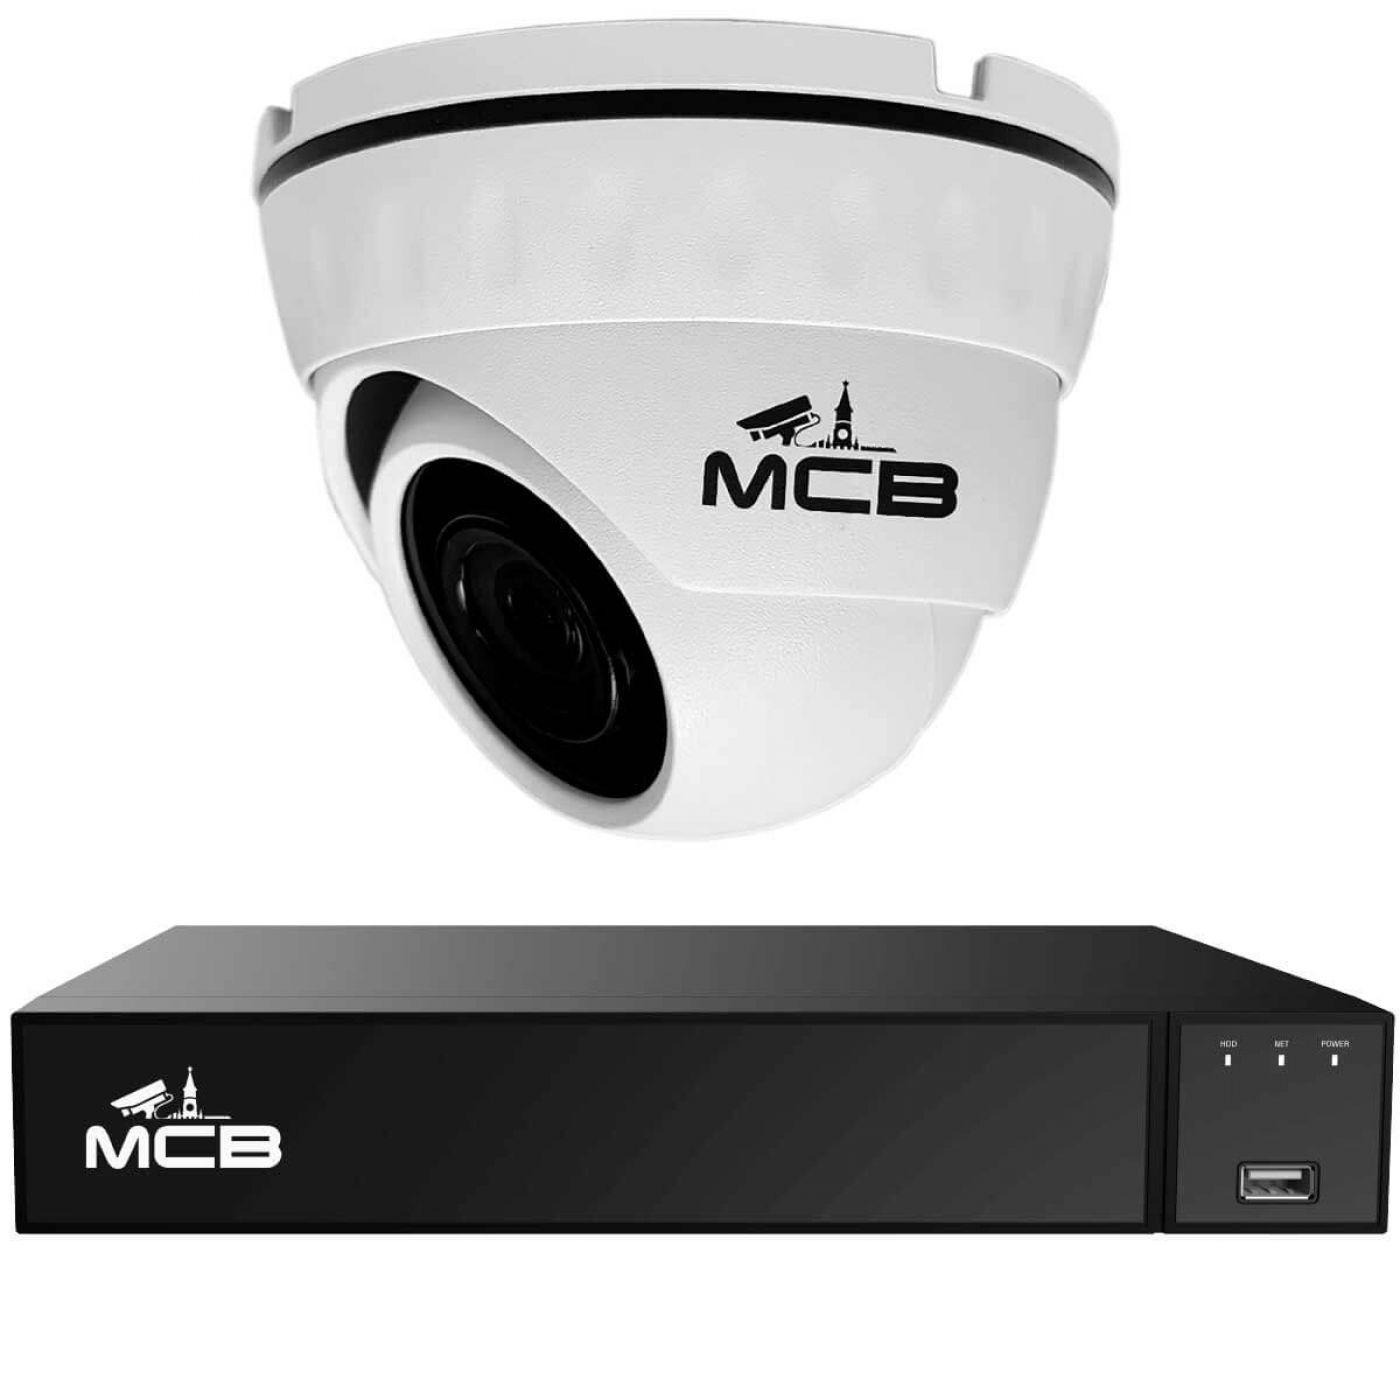 Комплект видеонаблюдения для помещения на 1 камеру 2 Мегапикселя 1080P